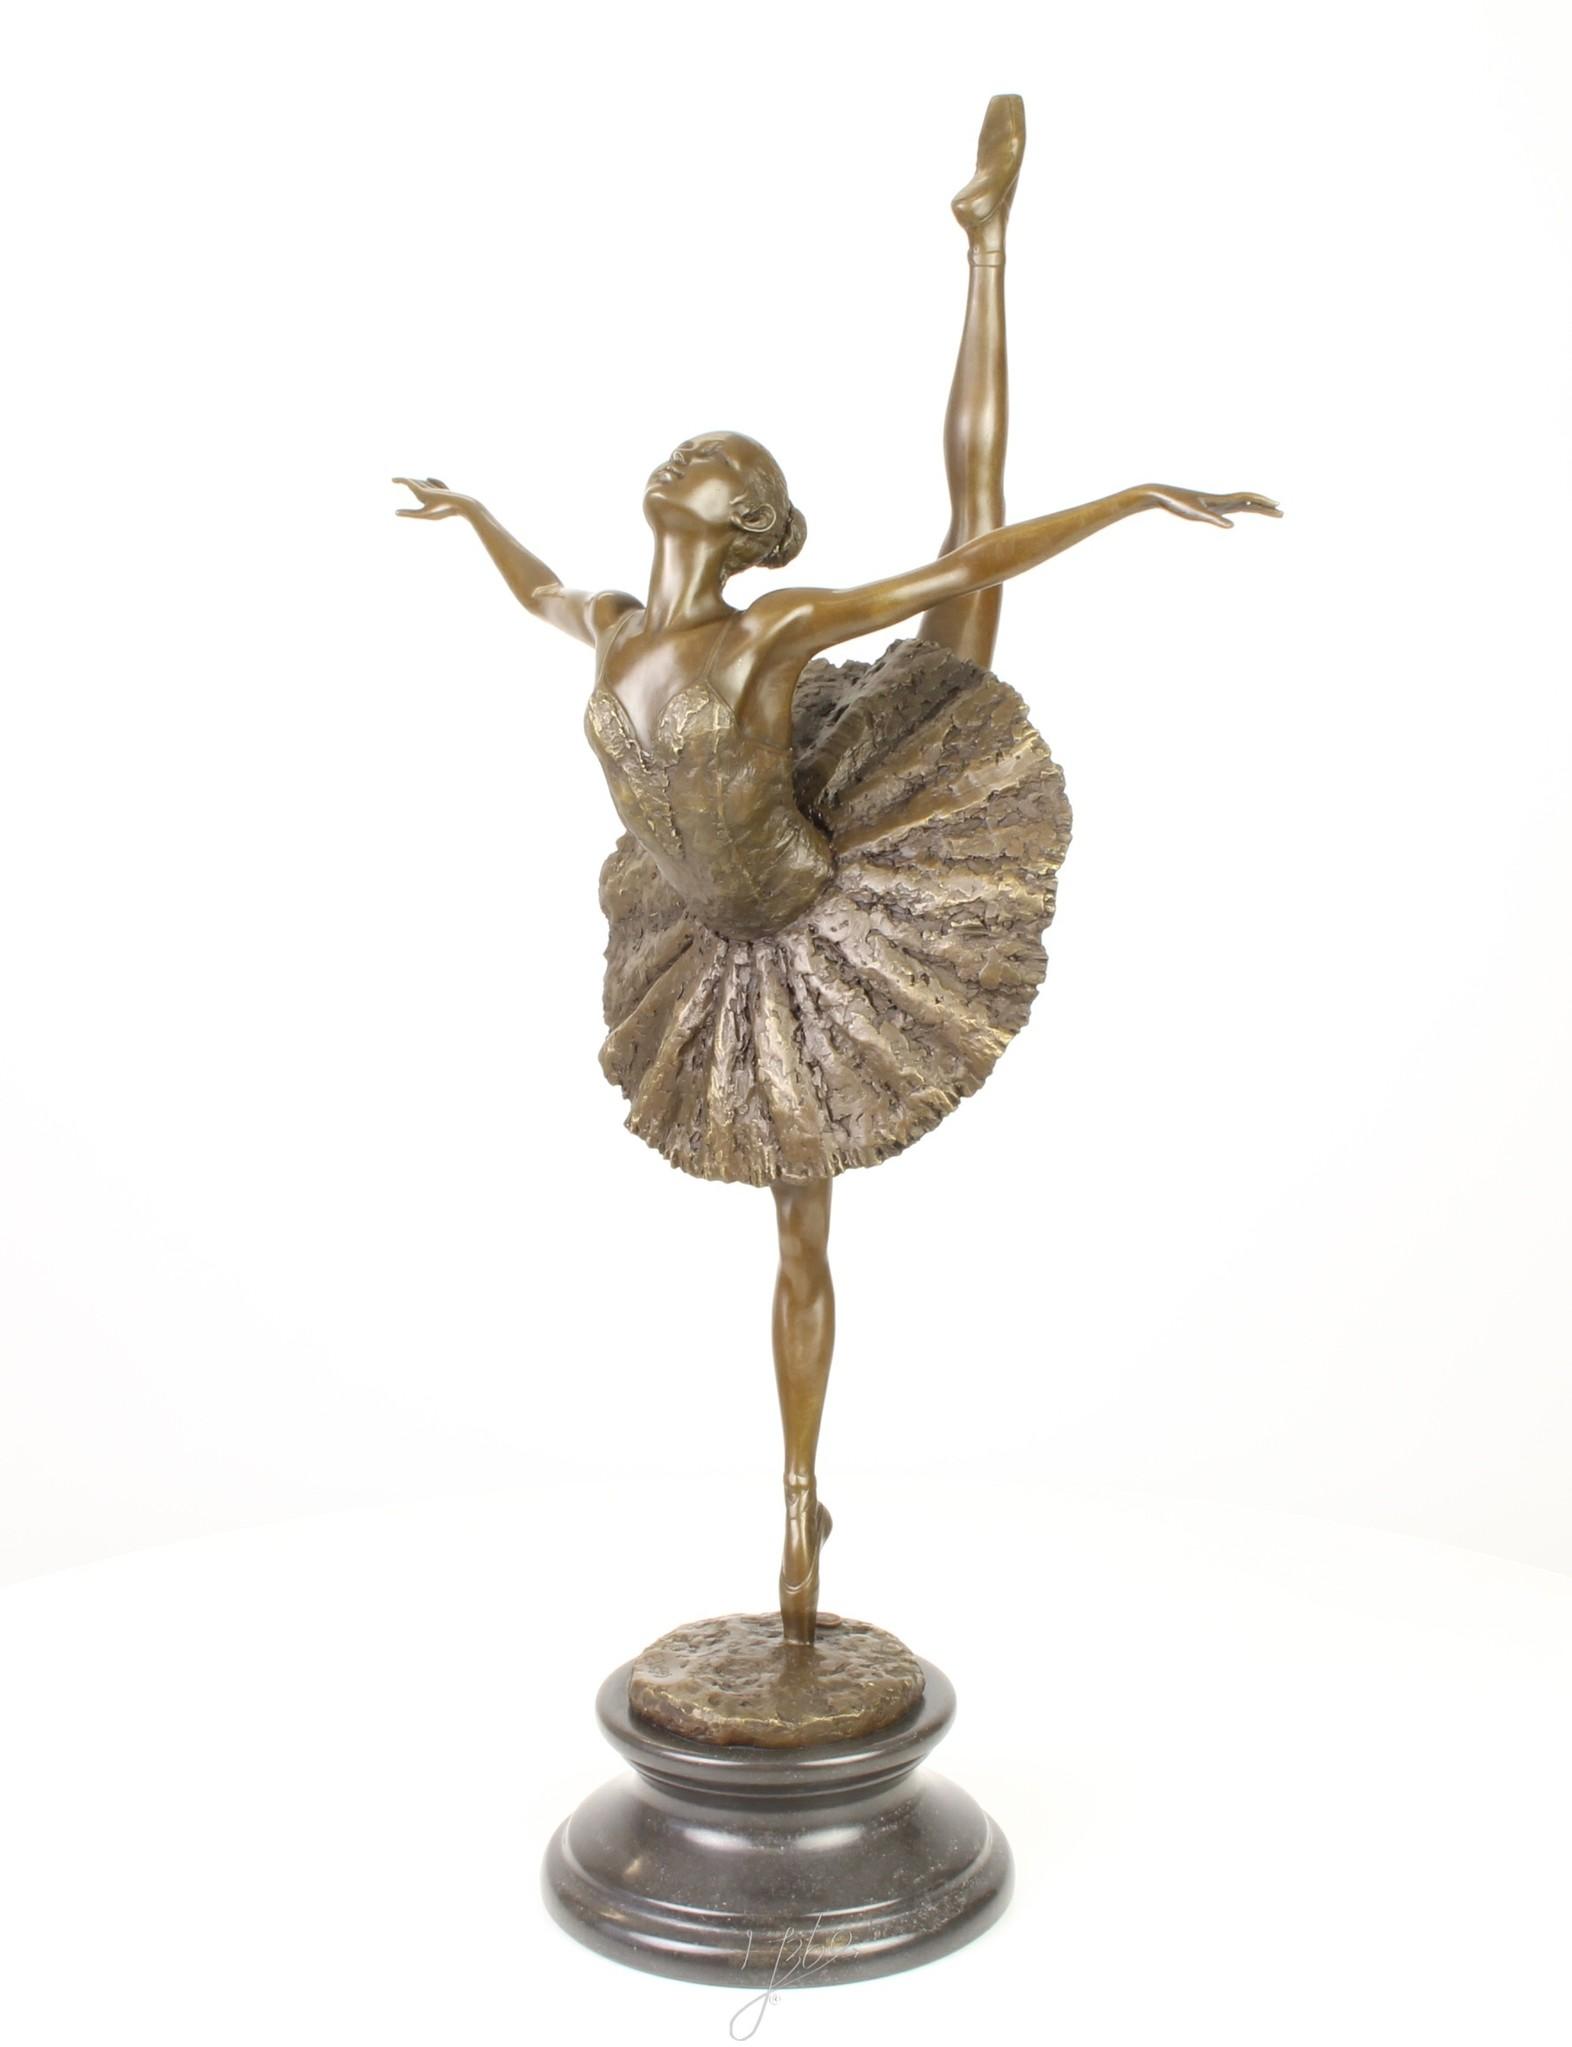 A bronze sculpture of a ballet dancer on tiptoe